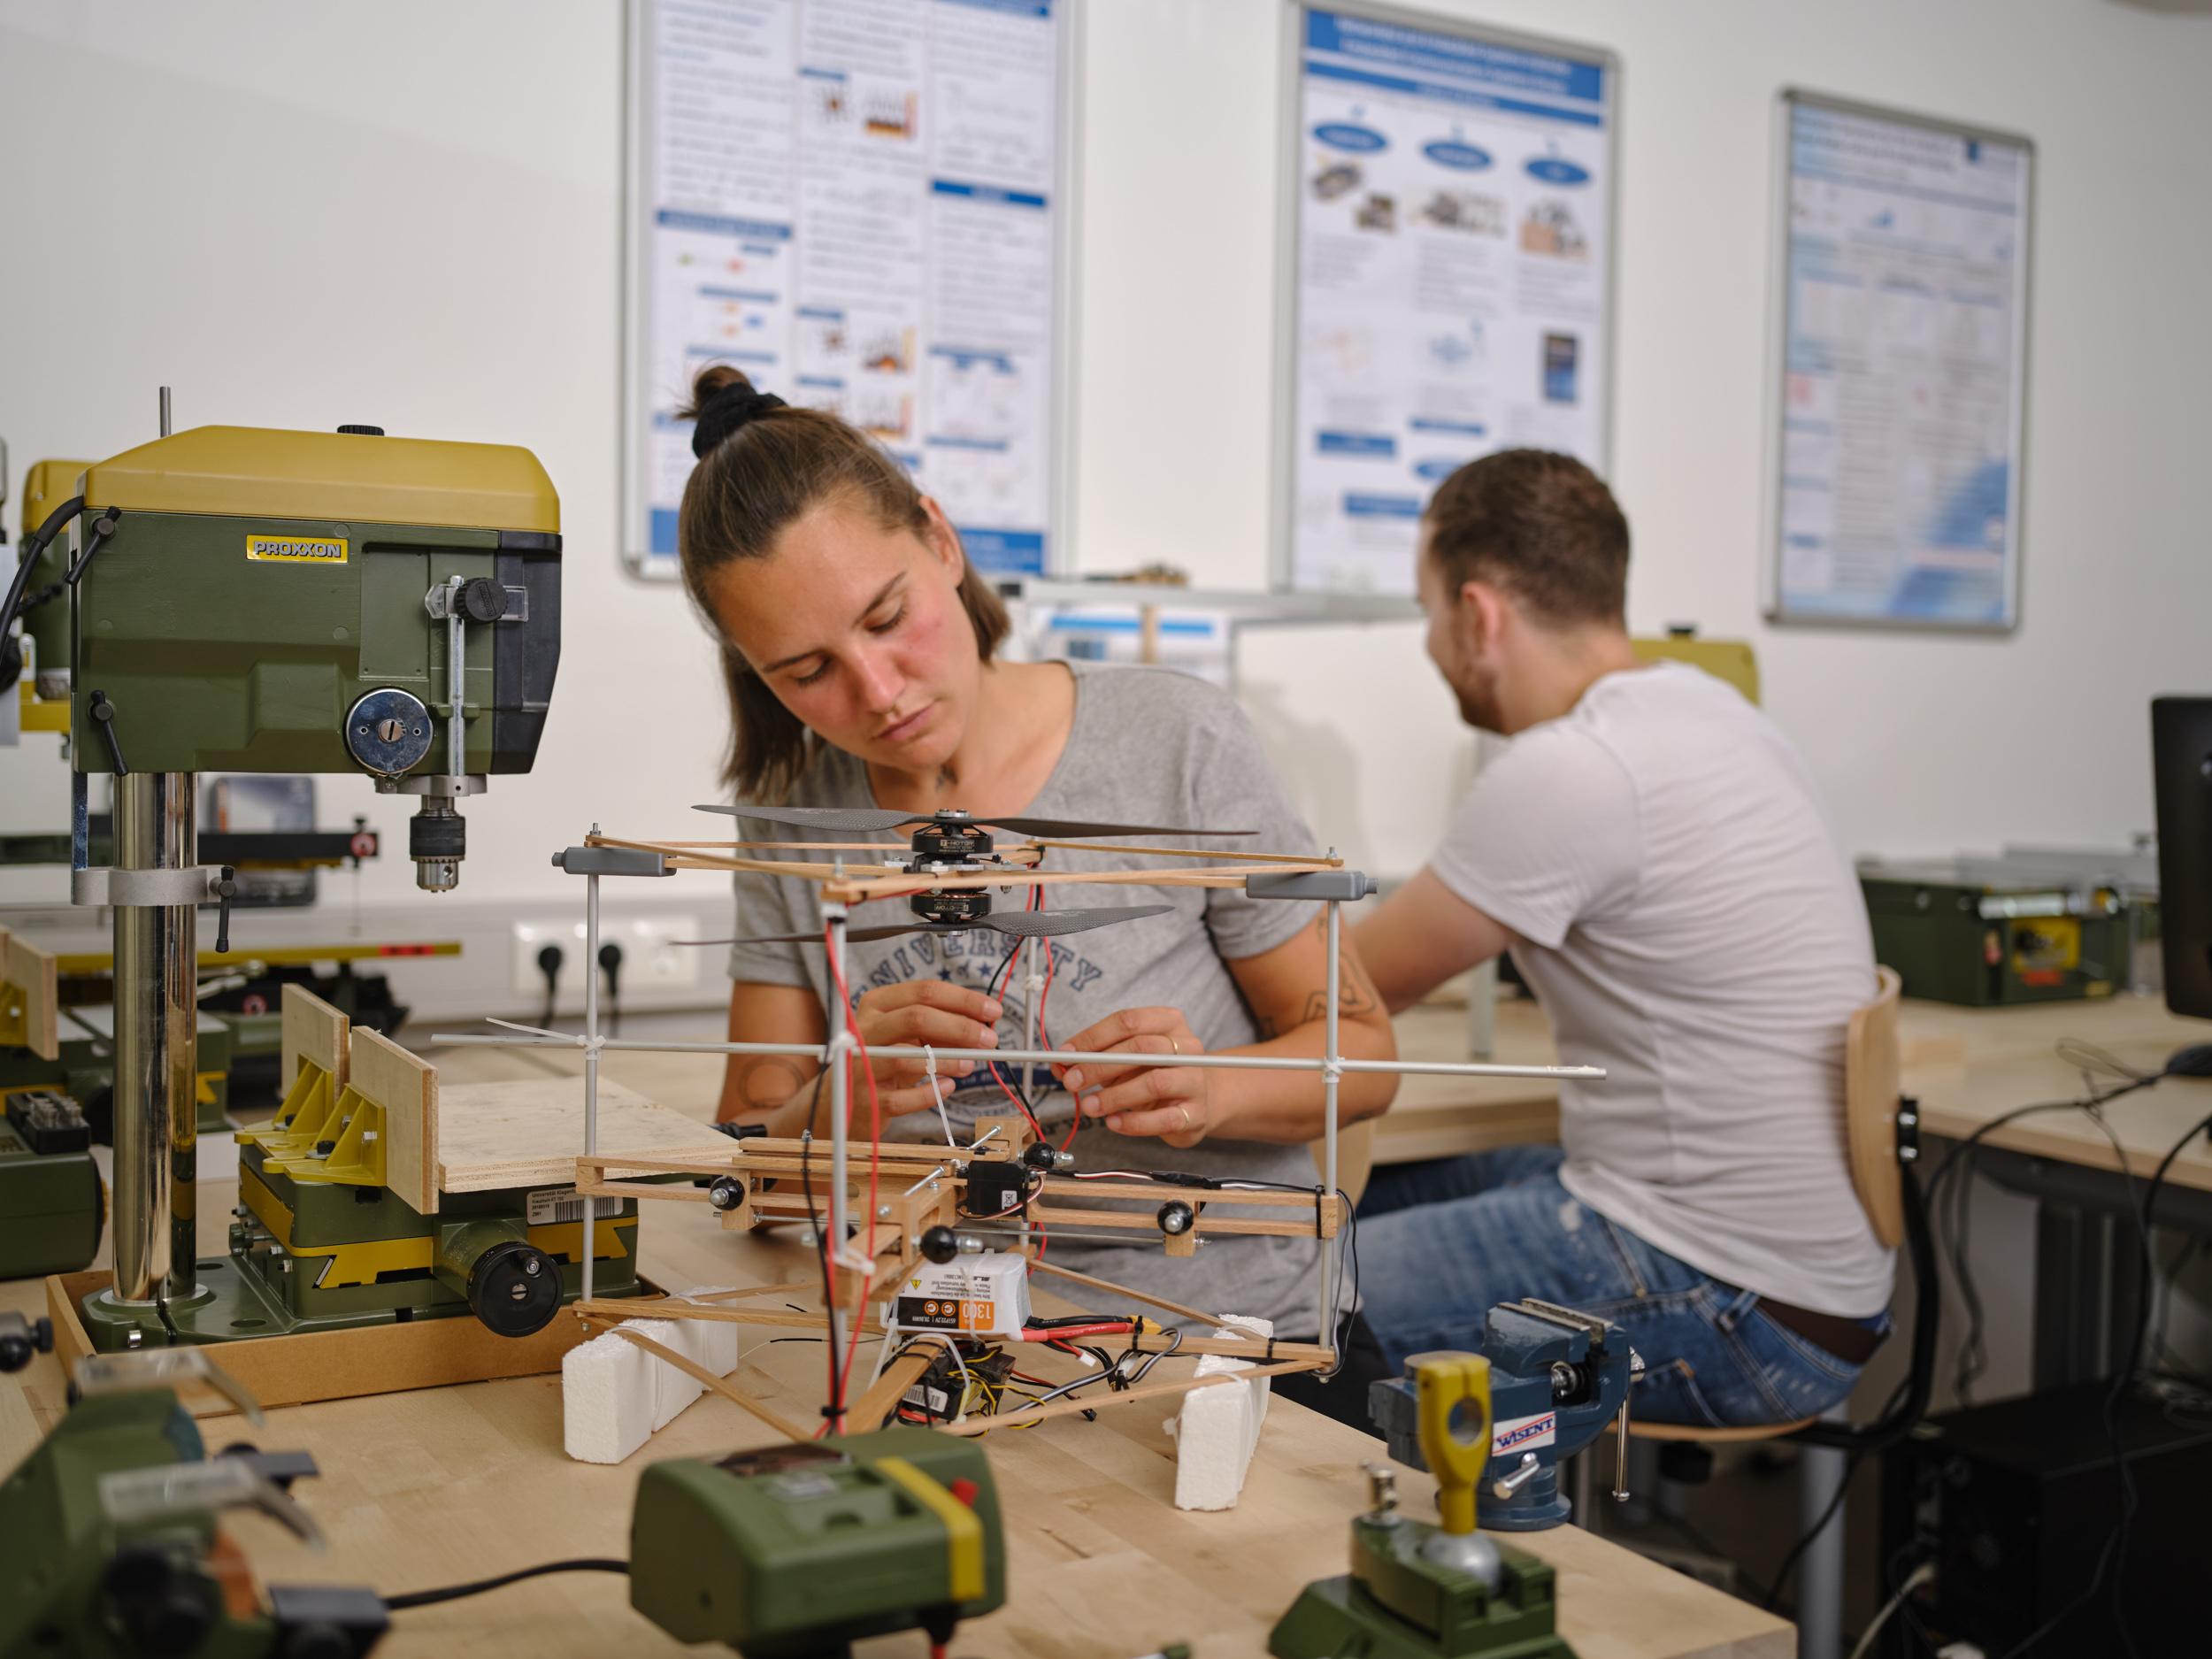 Studierende im Techniklabor | Foto: aau/Arnold Poeschl